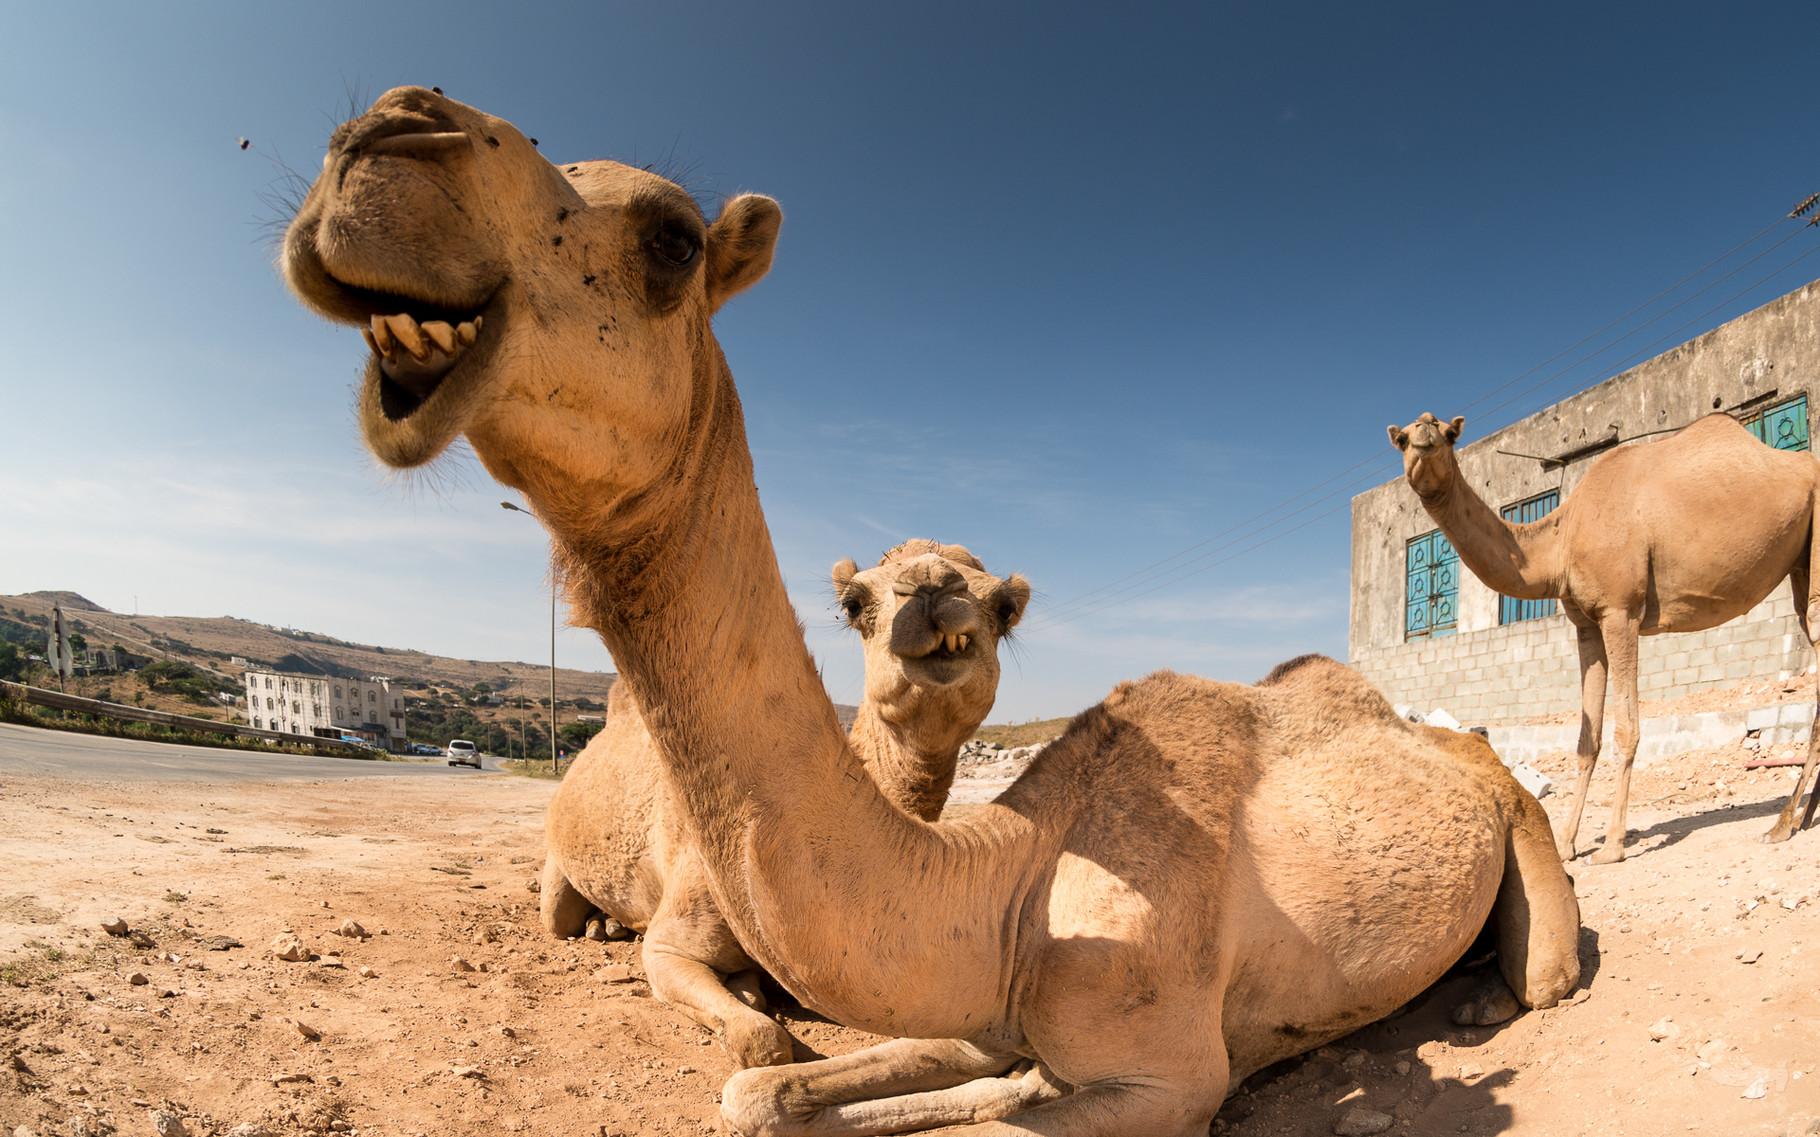 Camels - Dhofar/Oman